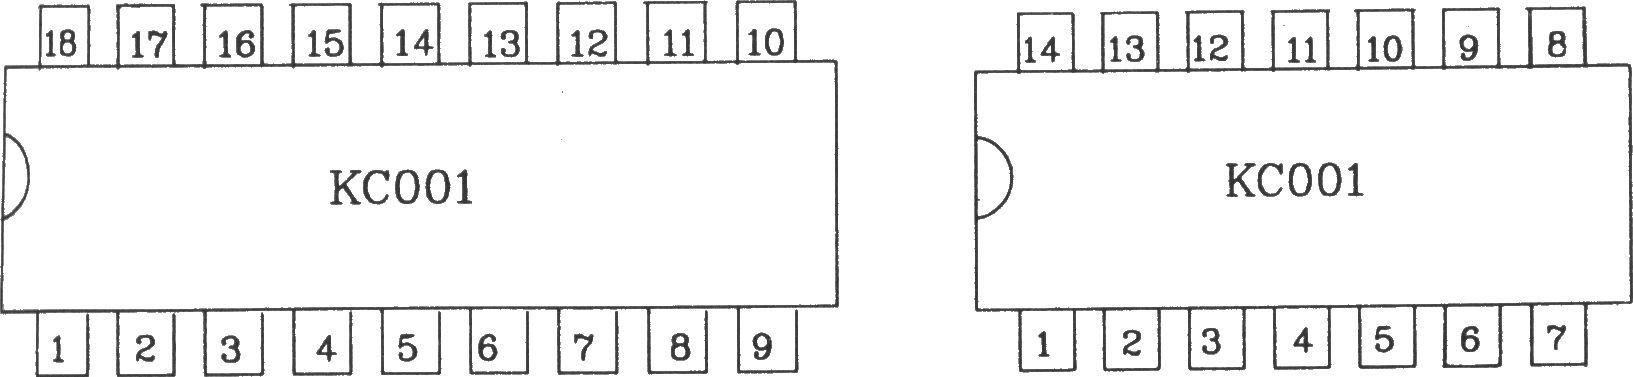 锯齿波幅度:≥10v(幅度以锯齿波出现平顶为准)